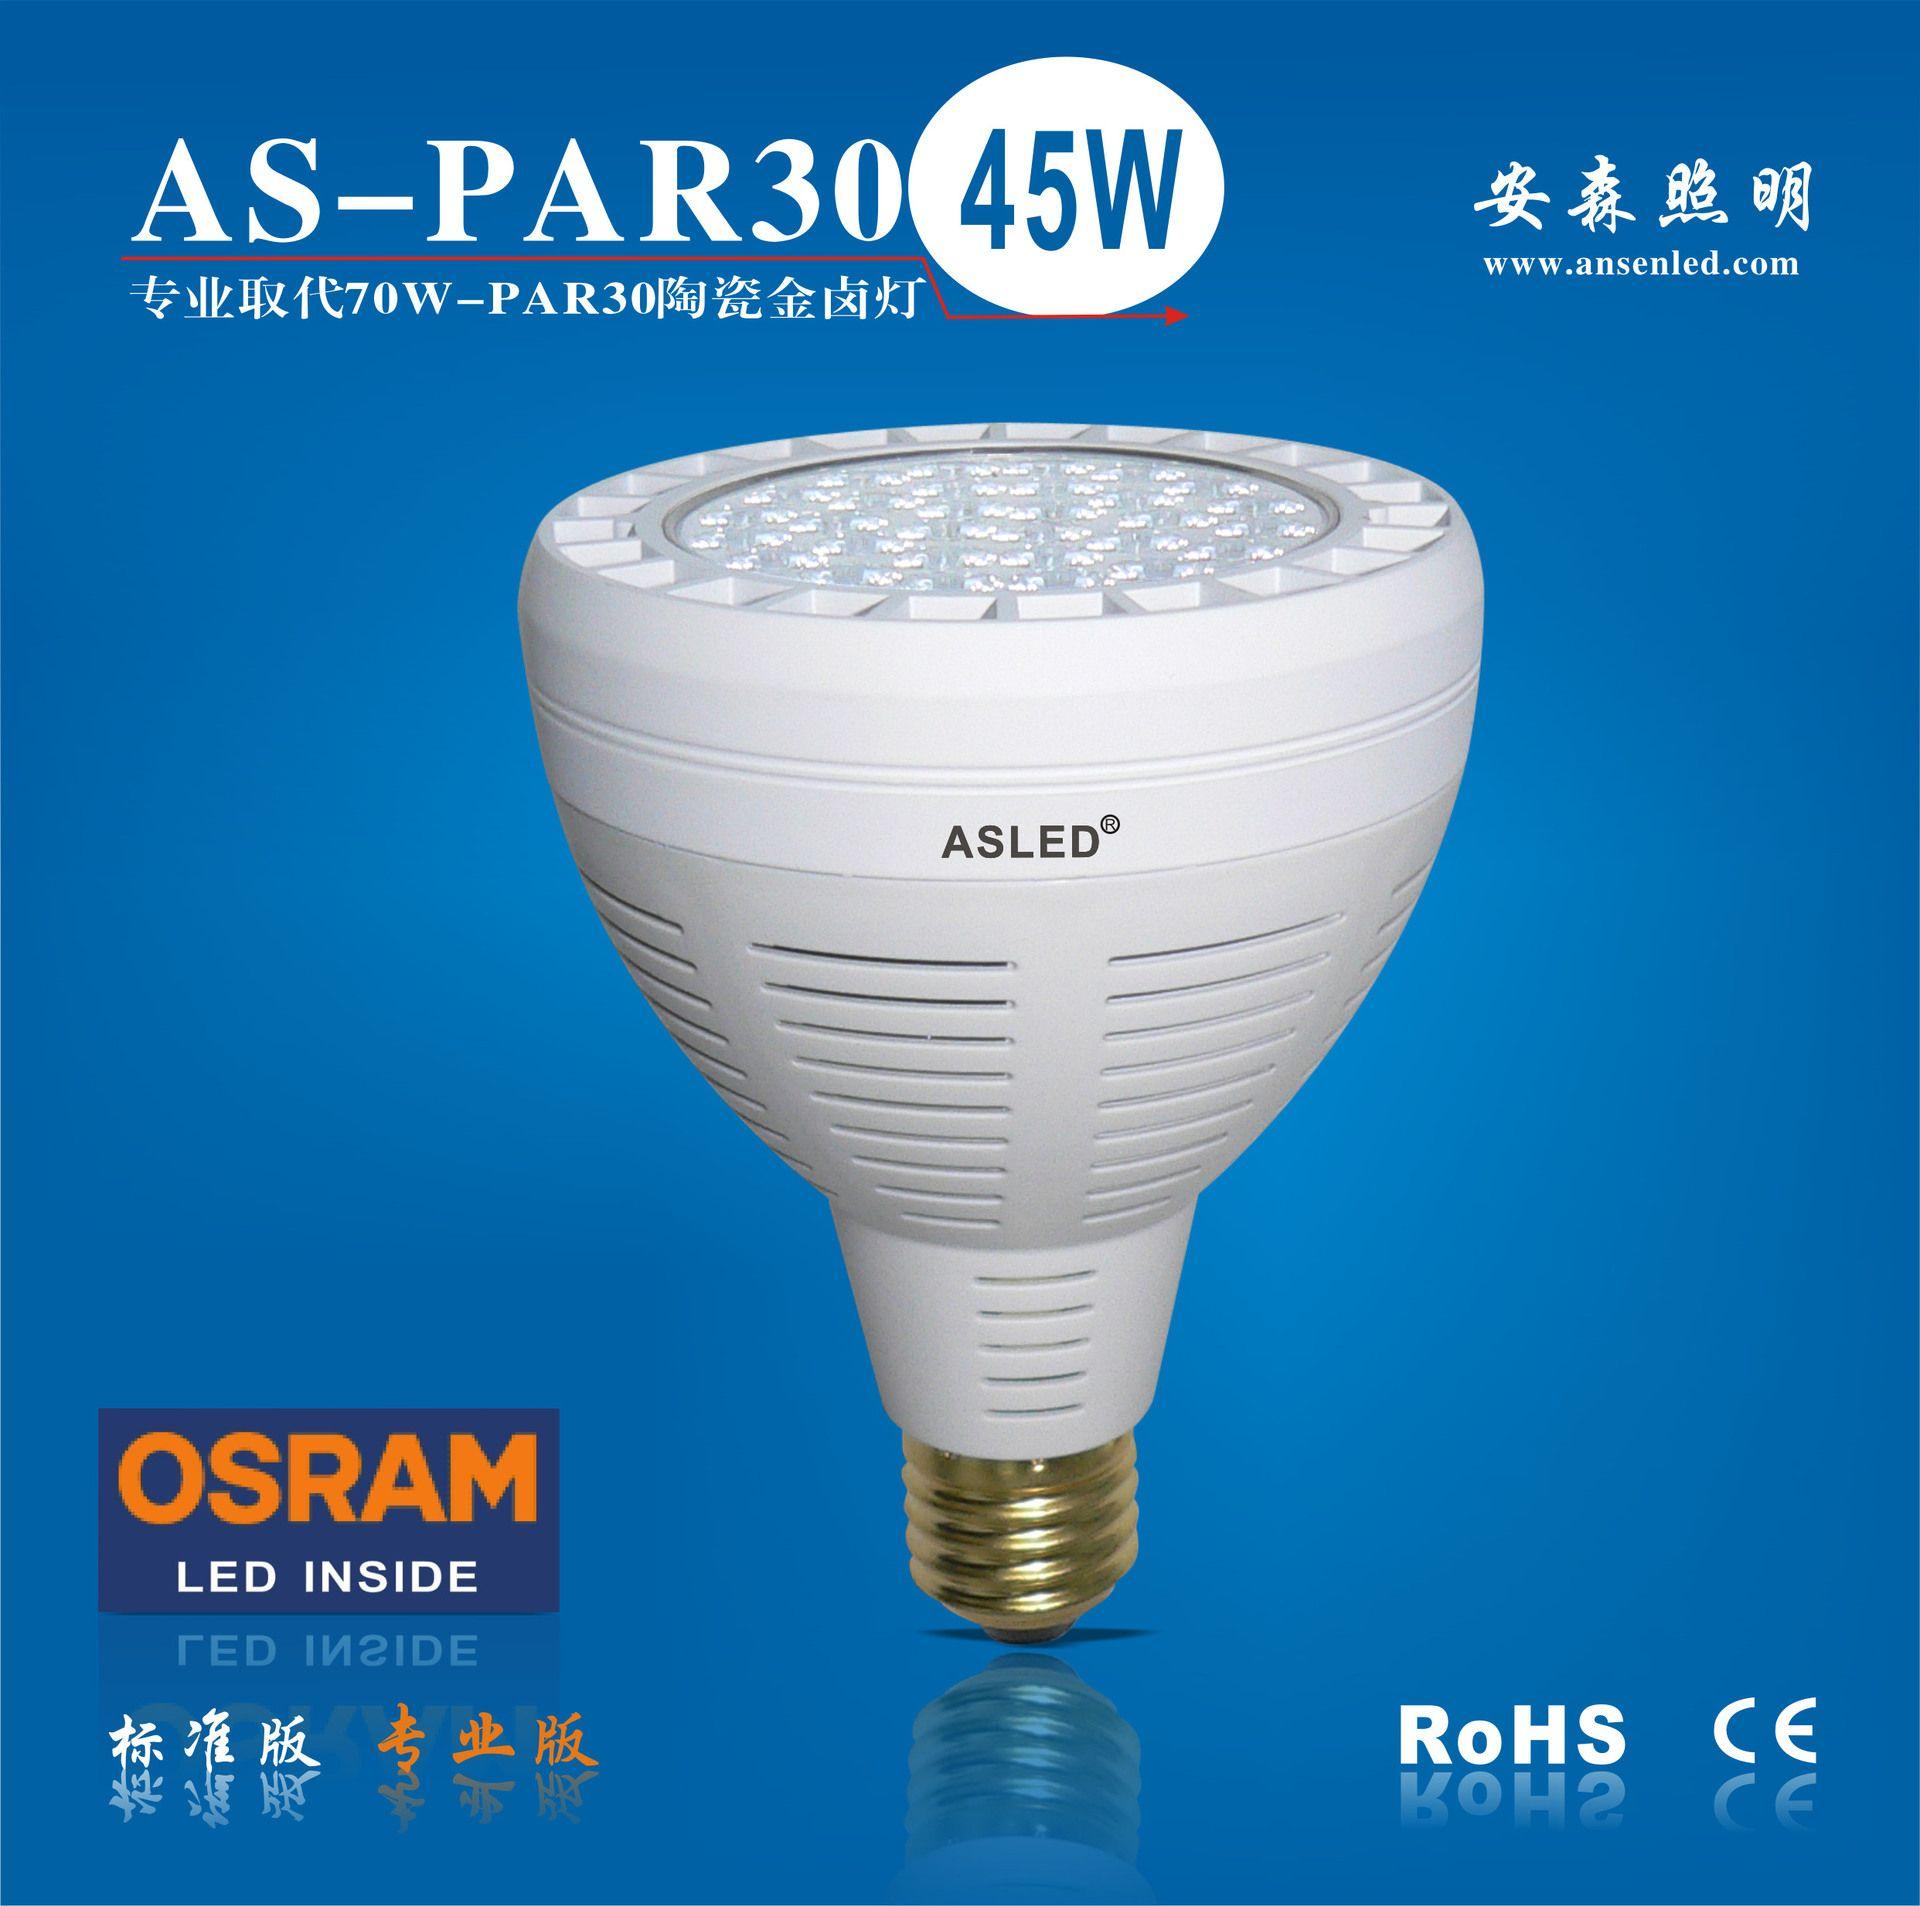 安森照明 PAR30LED灯泡导轨射灯40W商场服装店商铺展厅家具导轨灯